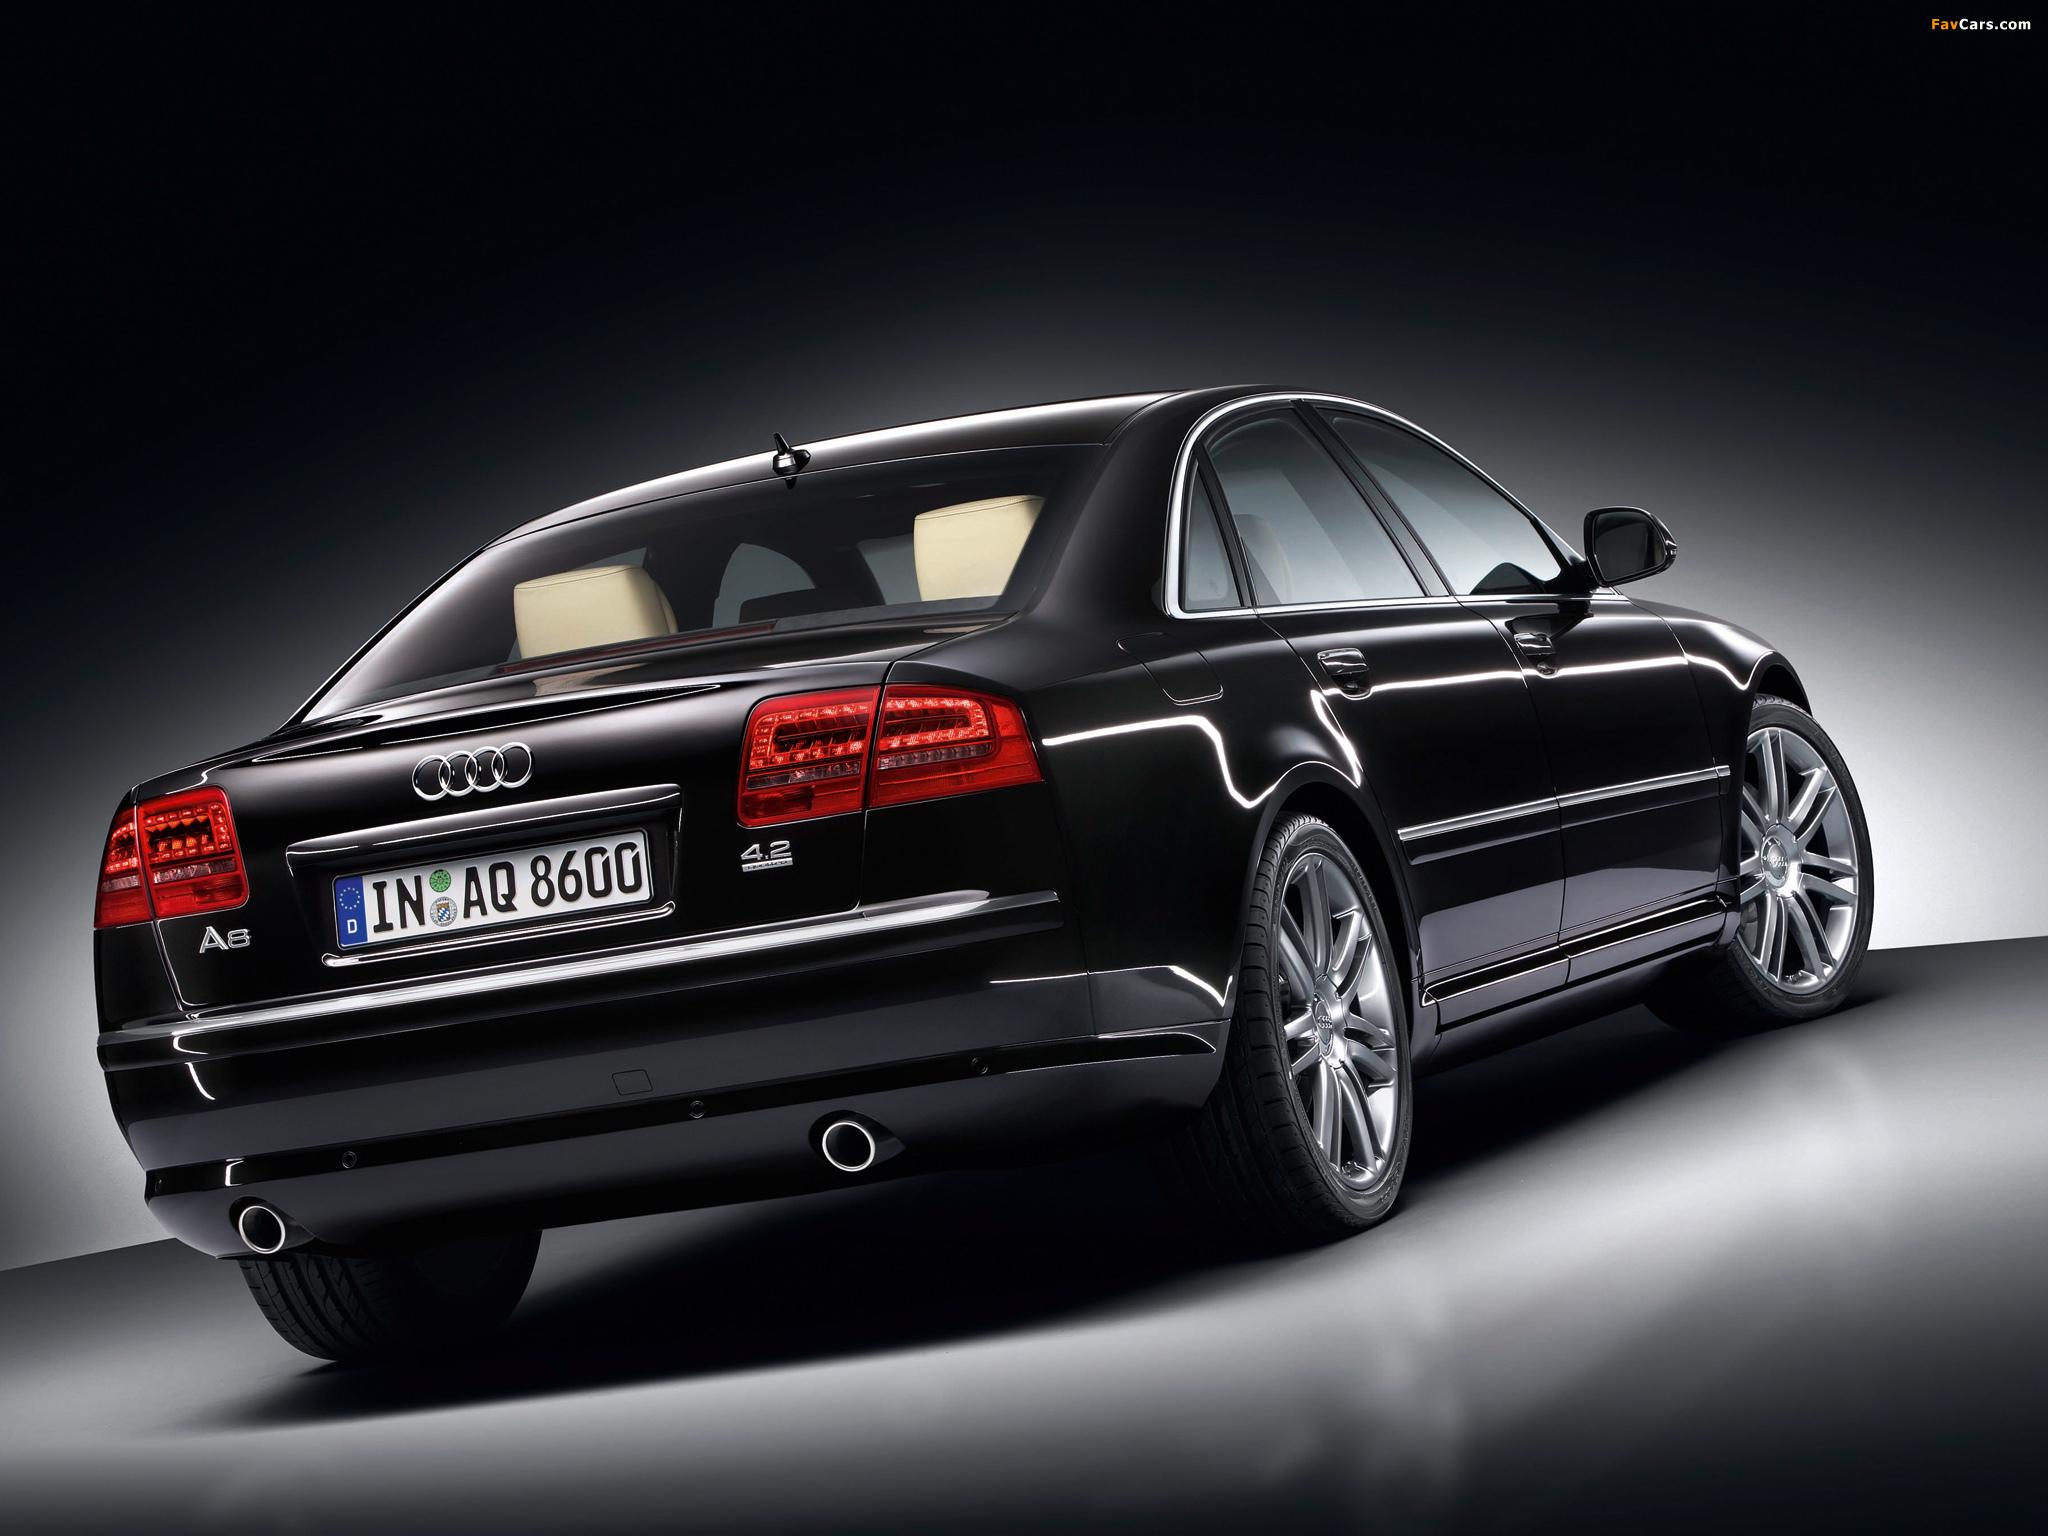 Audi A8 42 quattro D3 200810 wallpapers 2048x1536 2048x1536